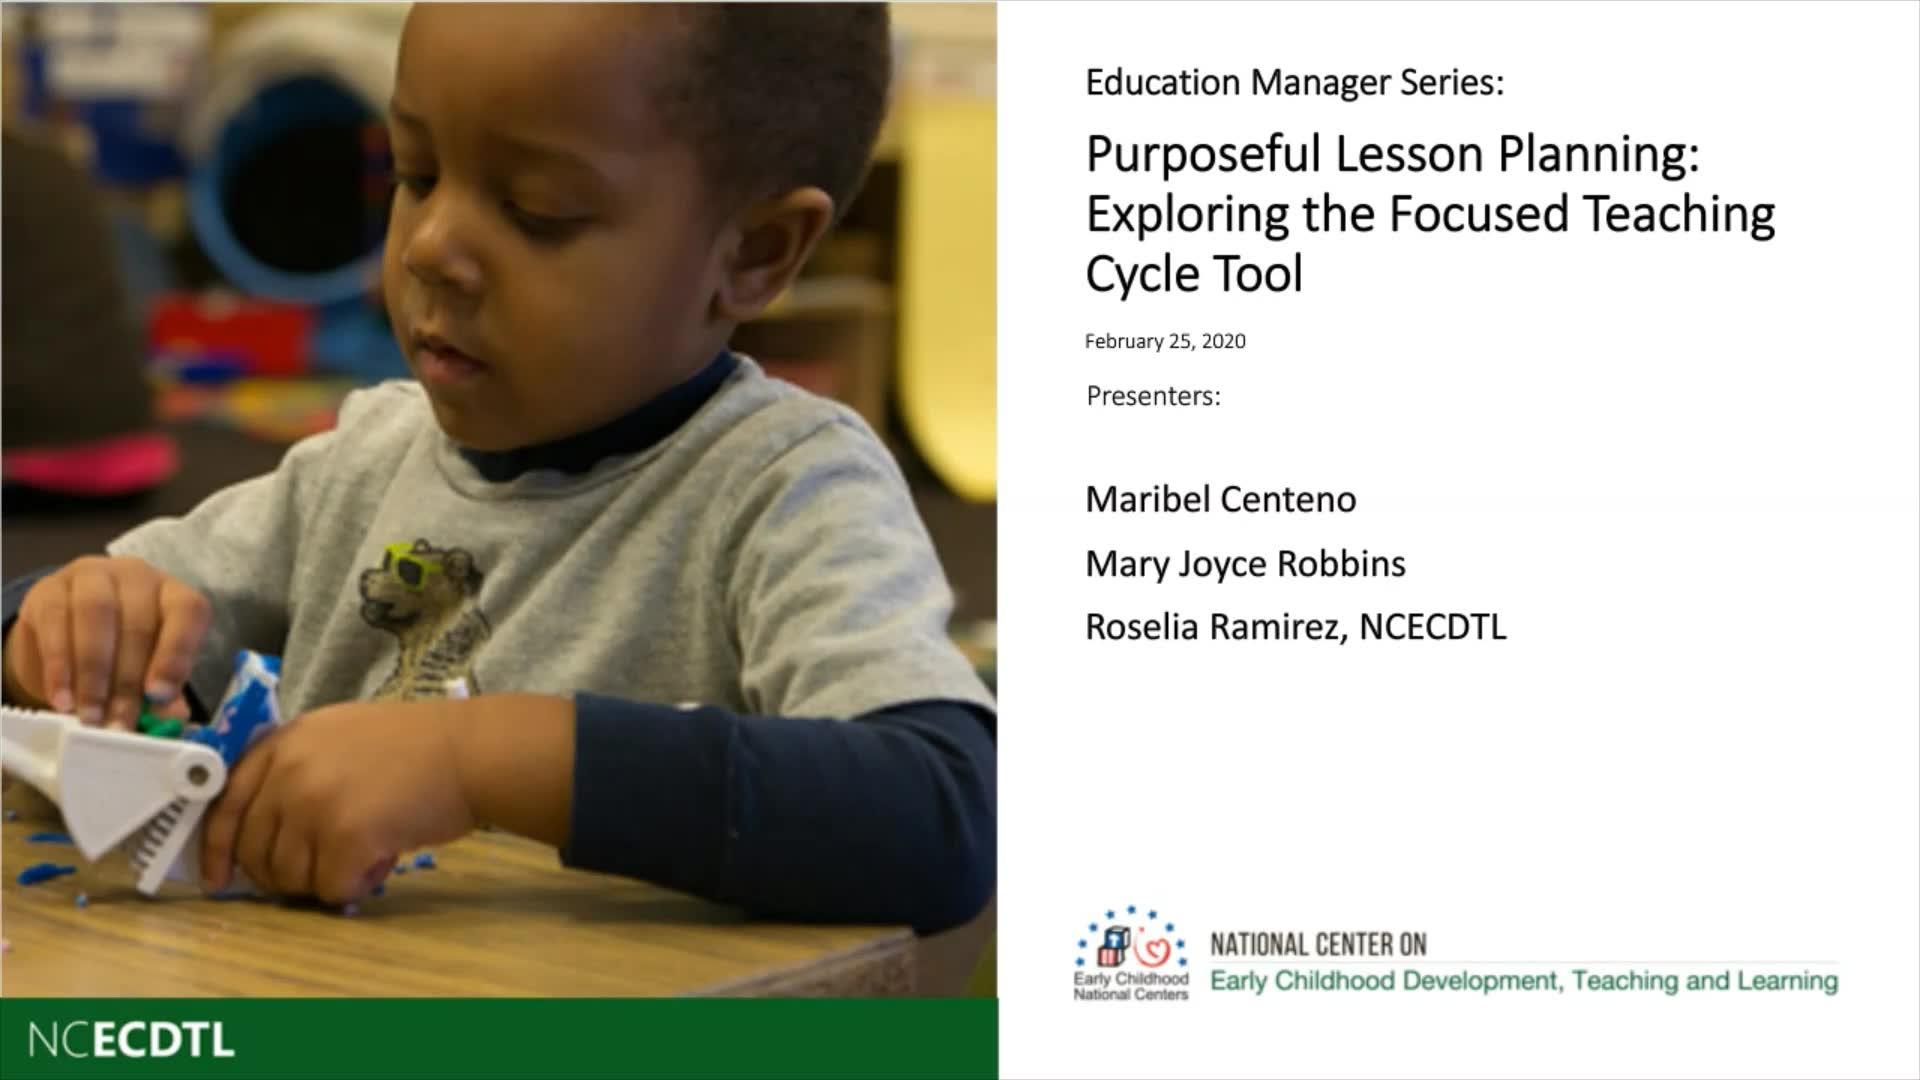 Planificación de lecciones con propósito: Exploración de la herramienta del Ciclo de enseñanza enfocada